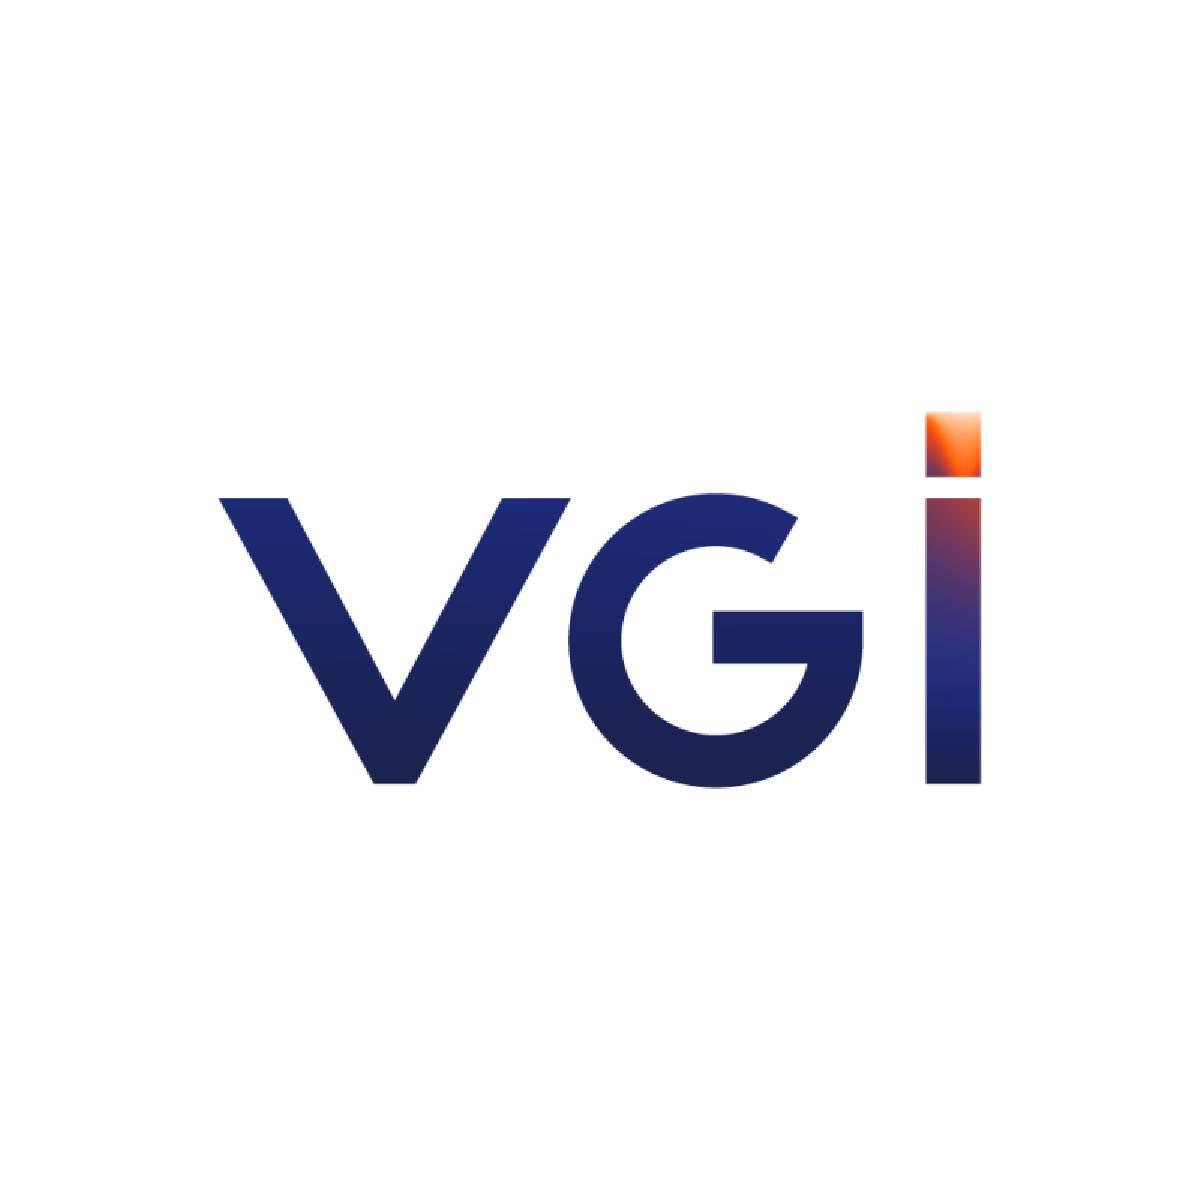 VGI โกย 4,000 ล. ดิจิทัล แลบ โต 117%